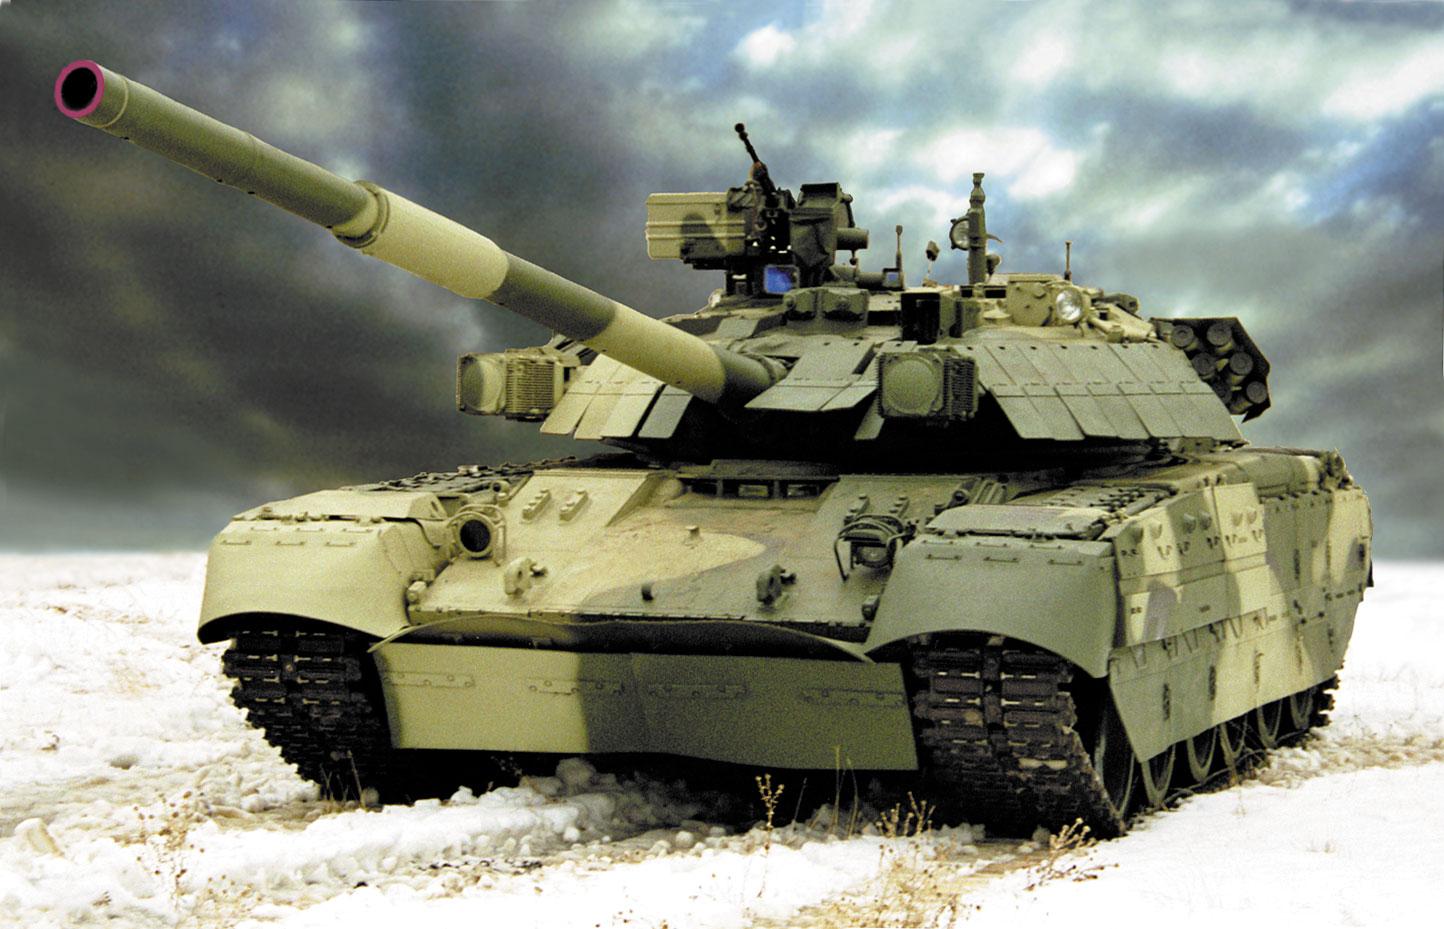 обои для рабочего стола, танки, tanks wallpaper, скачать фото